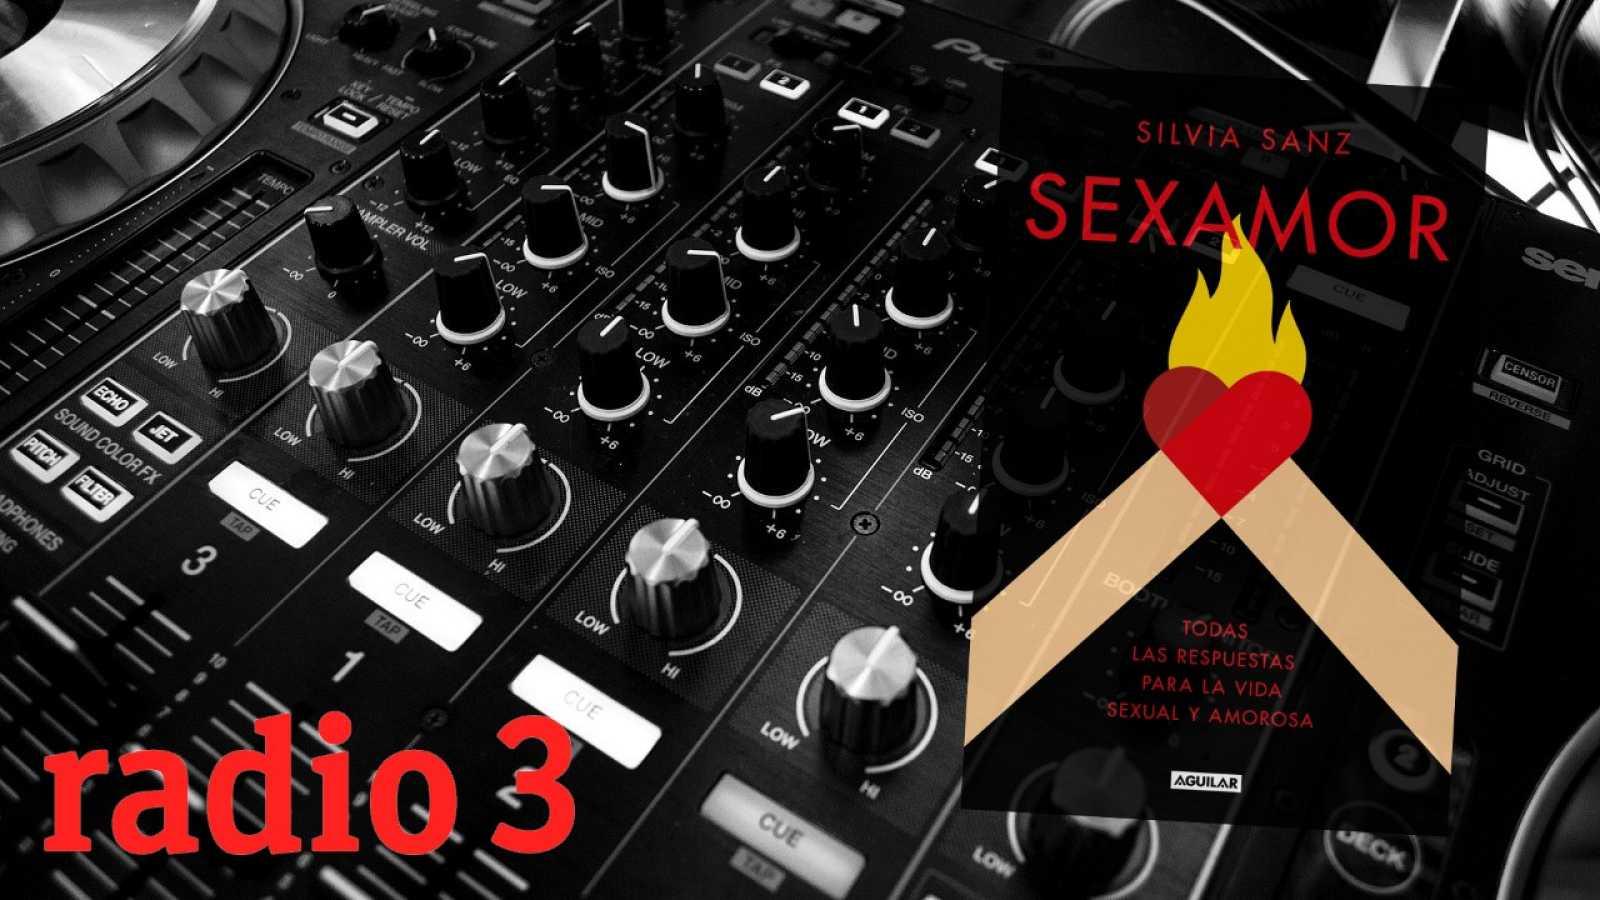 Equilibristas - Un manual de amor - 07/02/21 - escuchar ahora